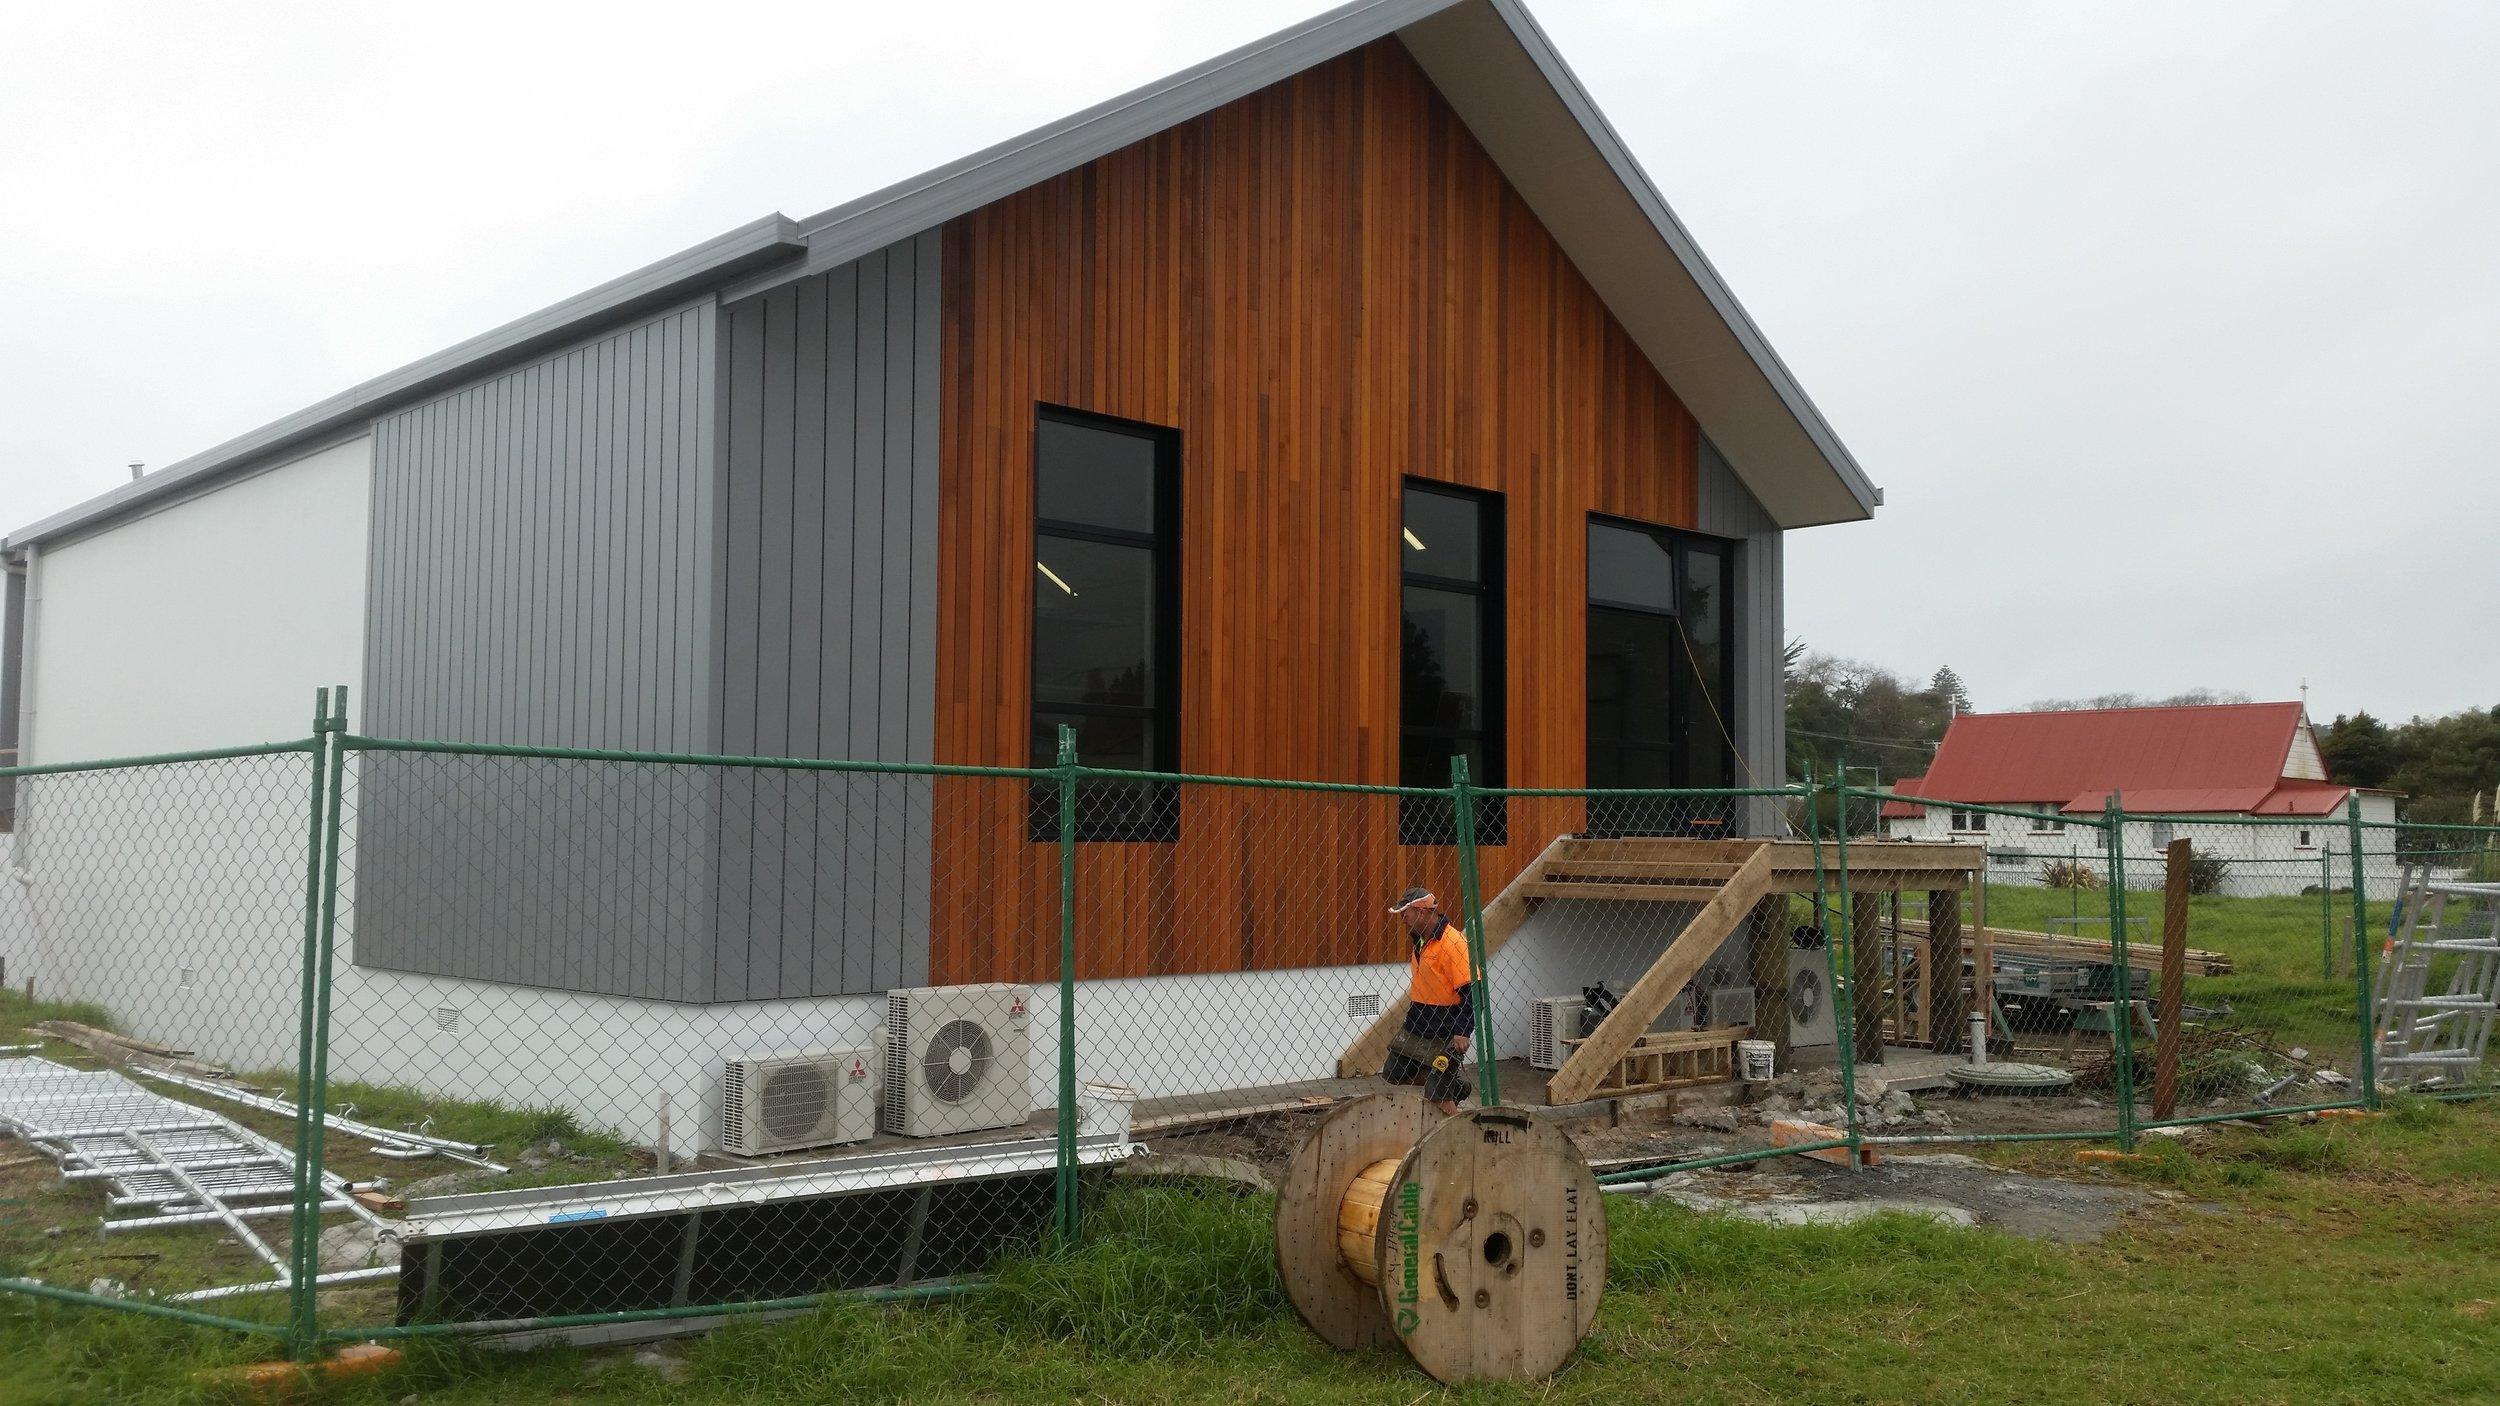 The-Roofing-Store-Steel-Metal-Interlocking-Panel-Sandstone-Grey-5.jpg.jpg